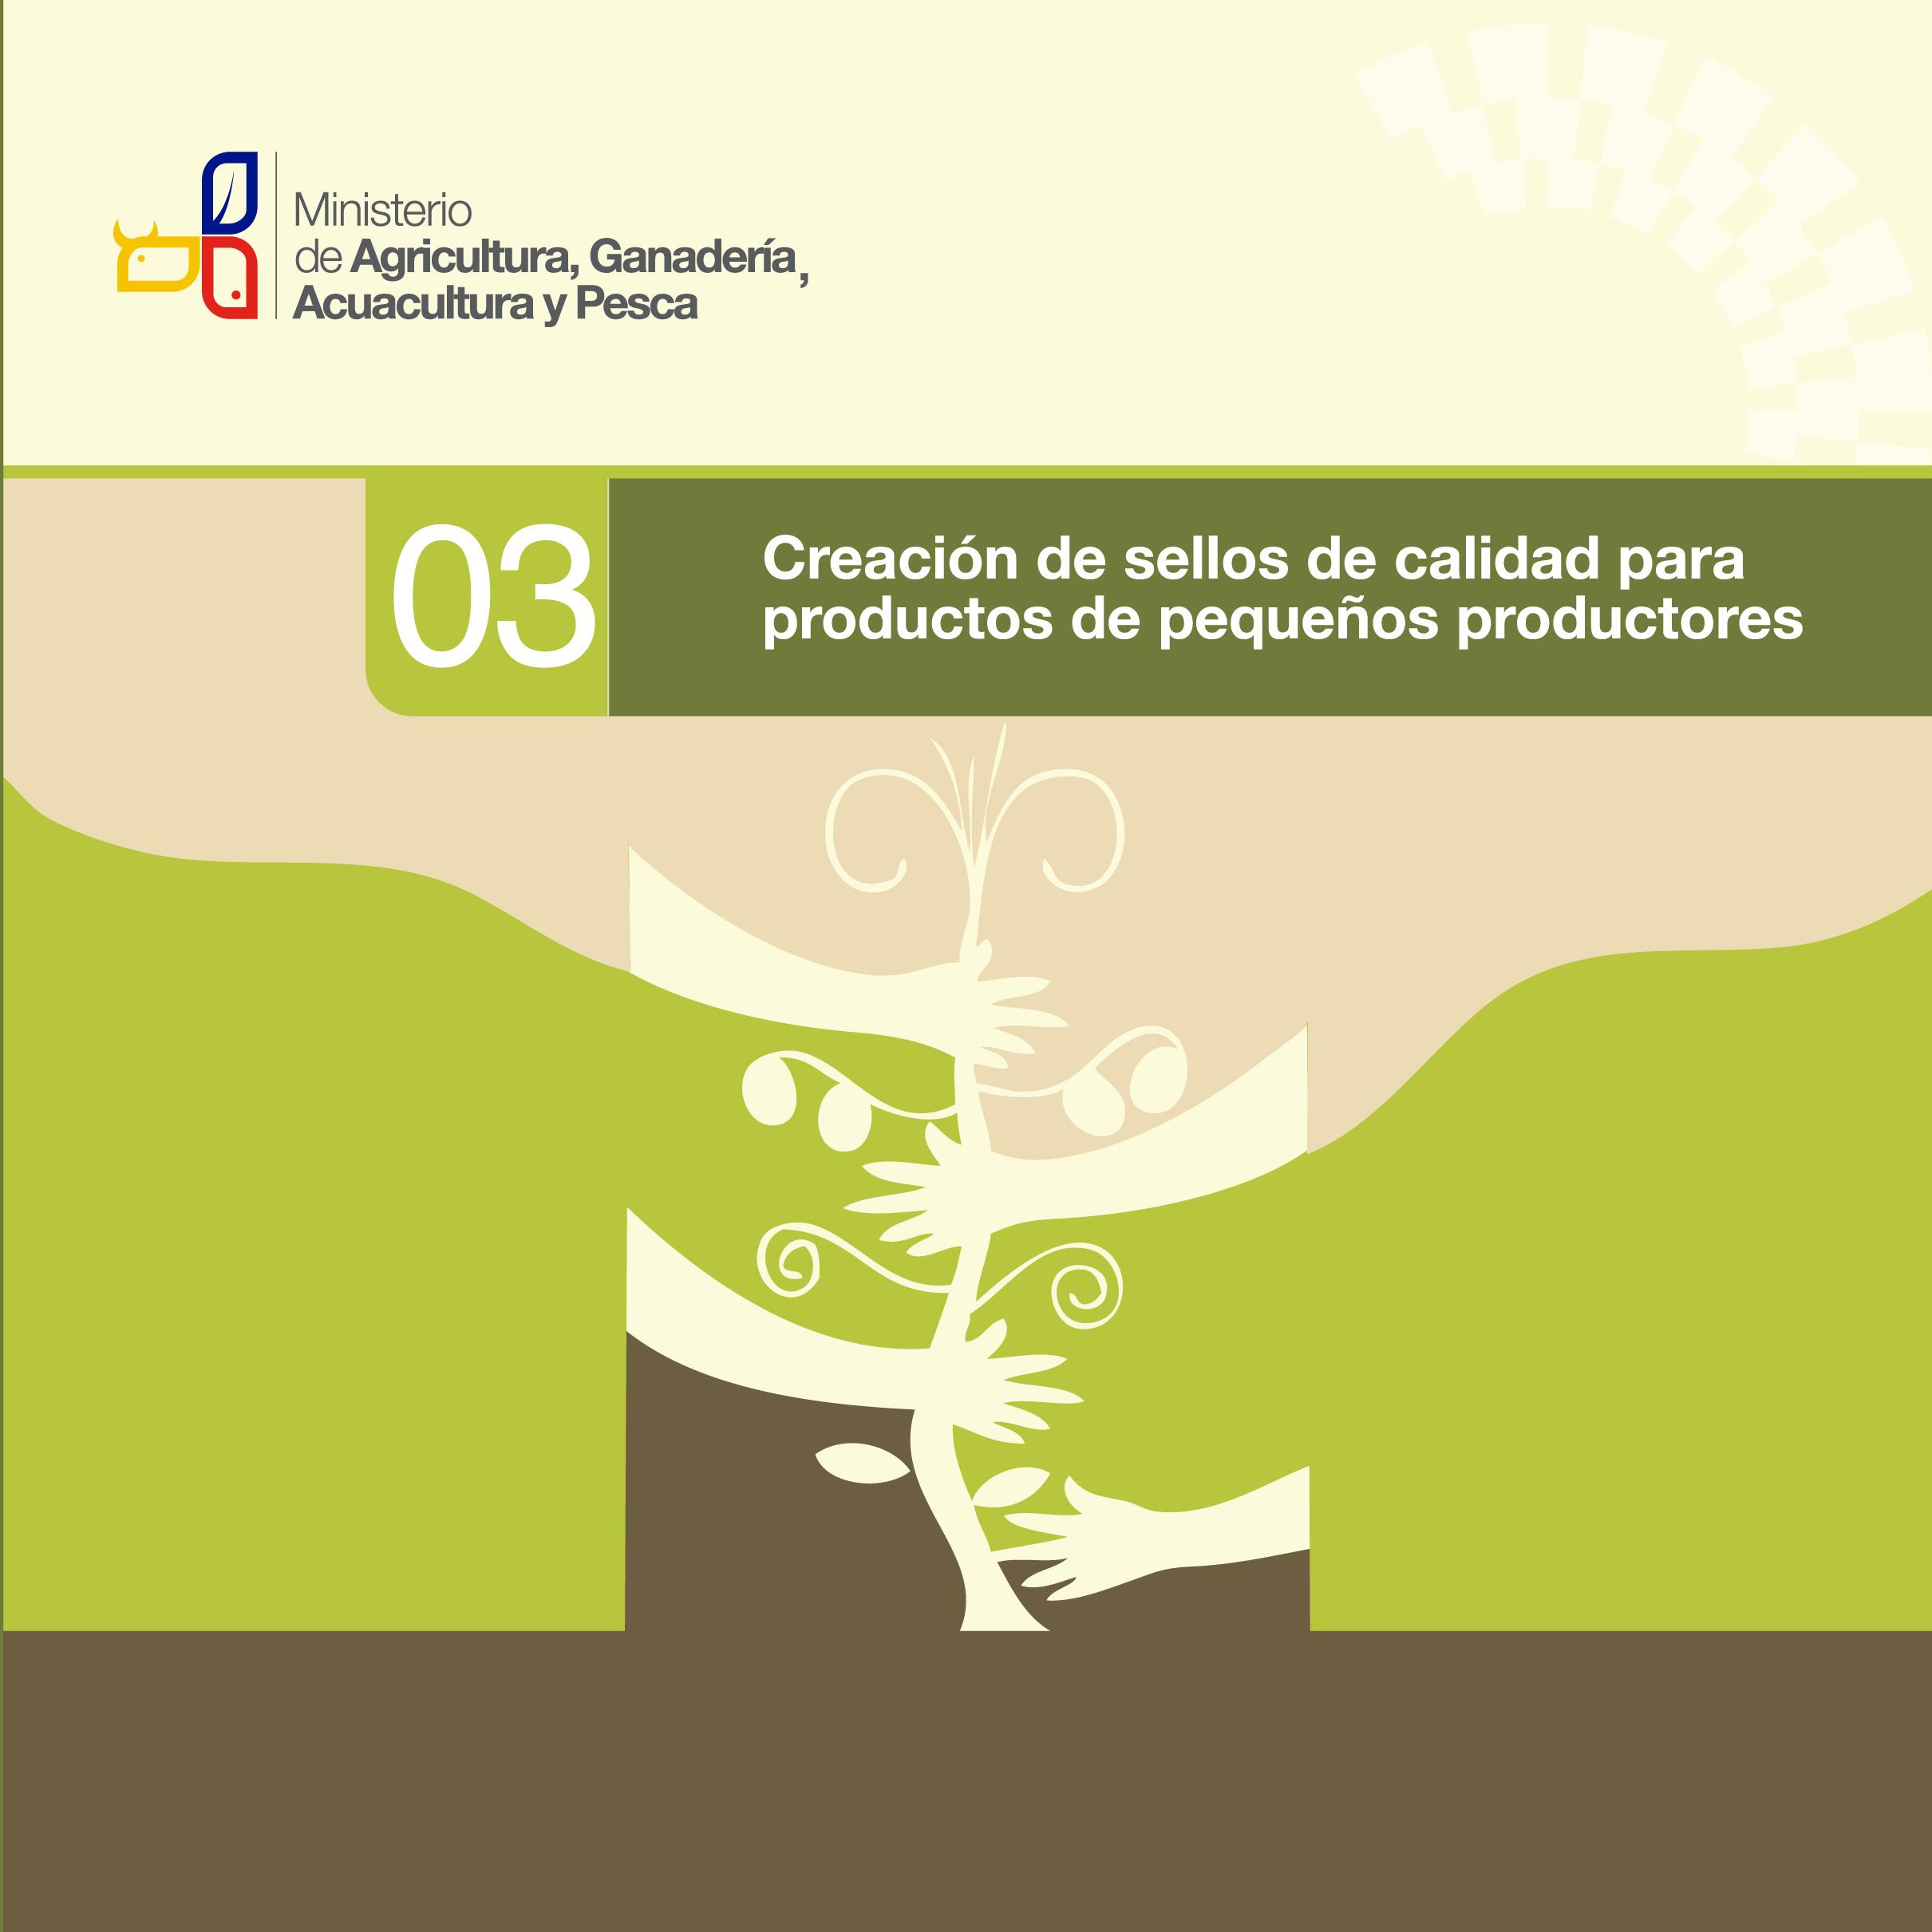 Creación de sellos de calidad para productos de pequeños productores Image principale